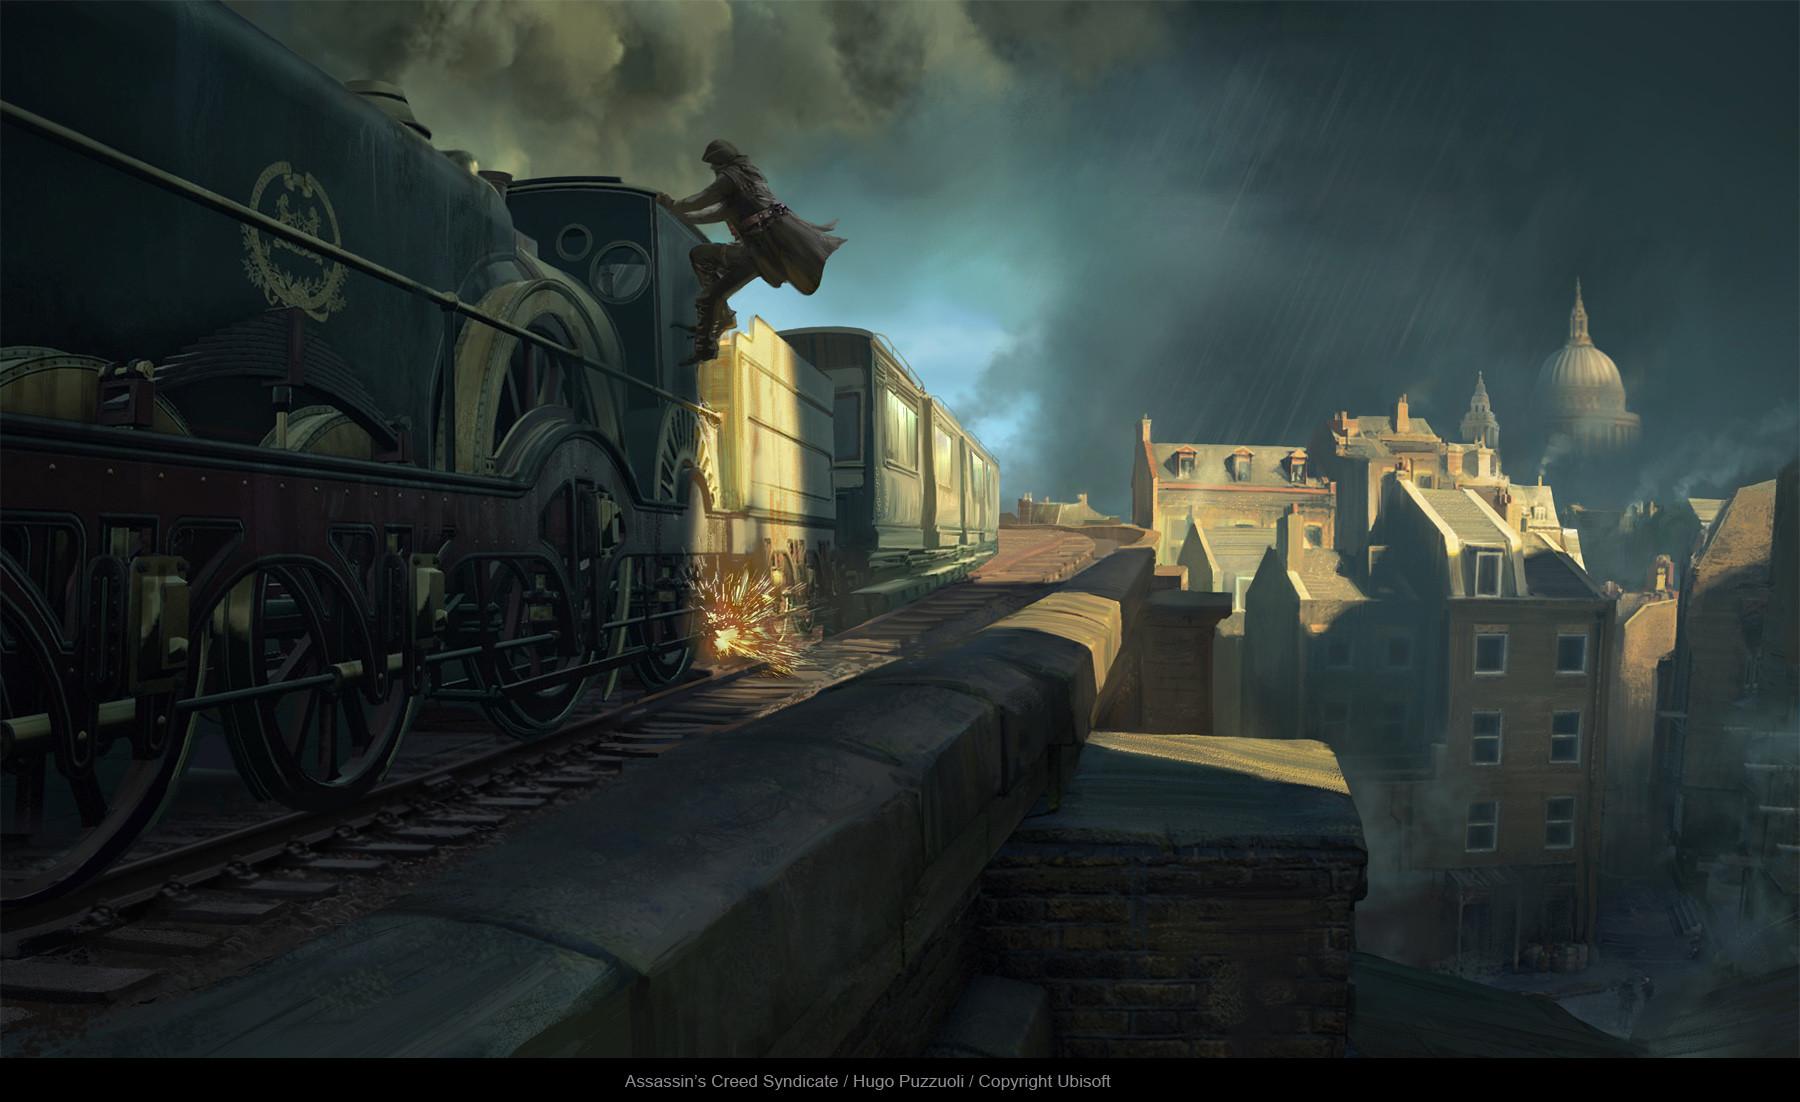 Hugo puzzuoli train fix hpuzzuoli